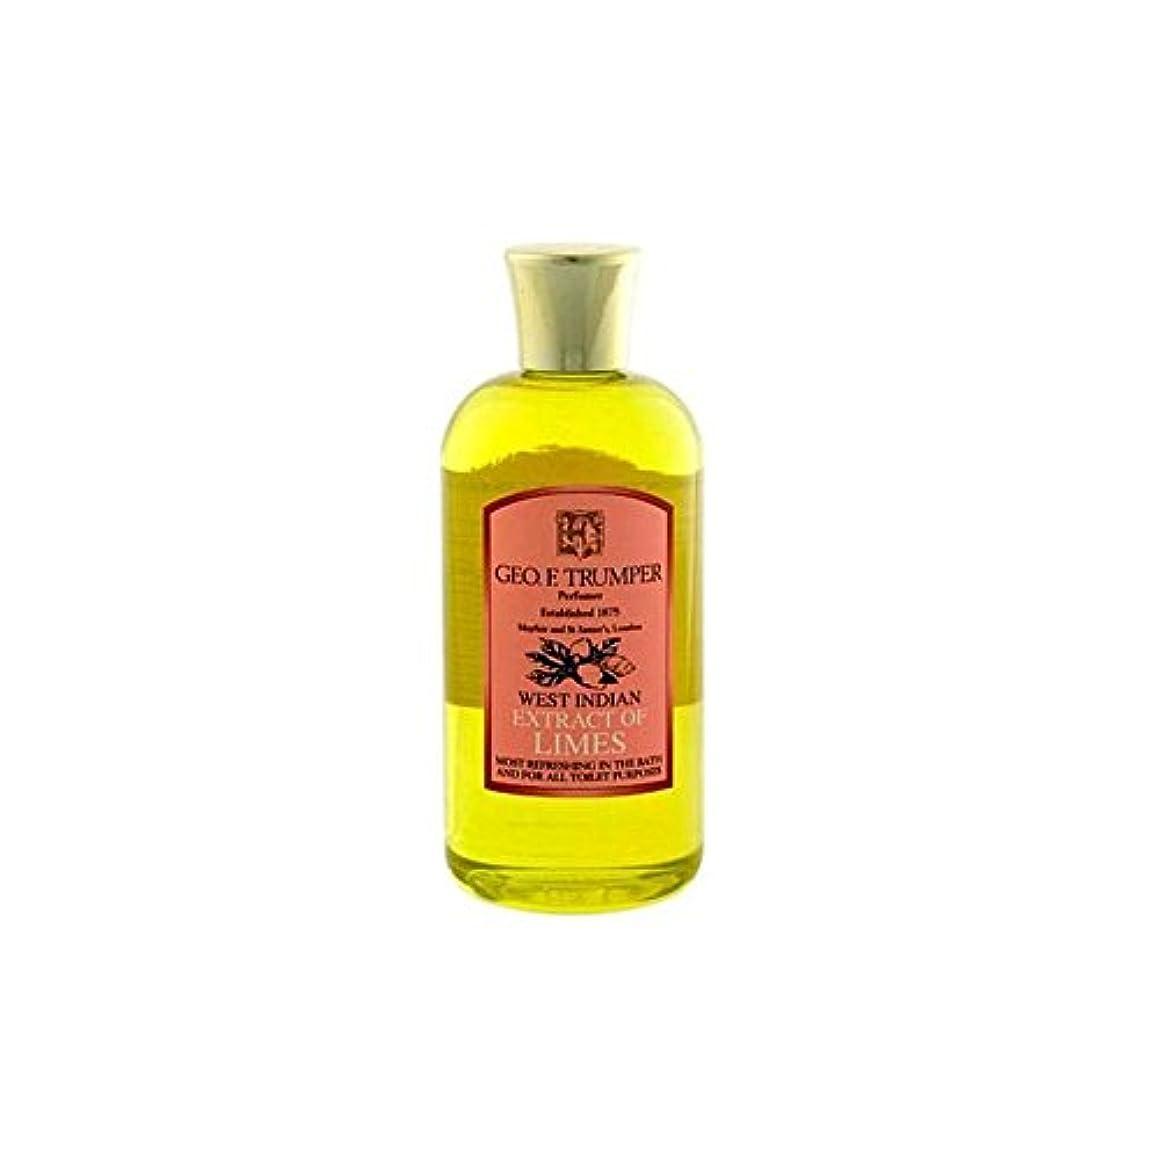 職業ペチコート配るライムのバスタブとシャワージェル200の抽出物を x2 - Trumpers Extracts of Limes Bath and Shower Gel 200ml (Pack of 2) [並行輸入品]